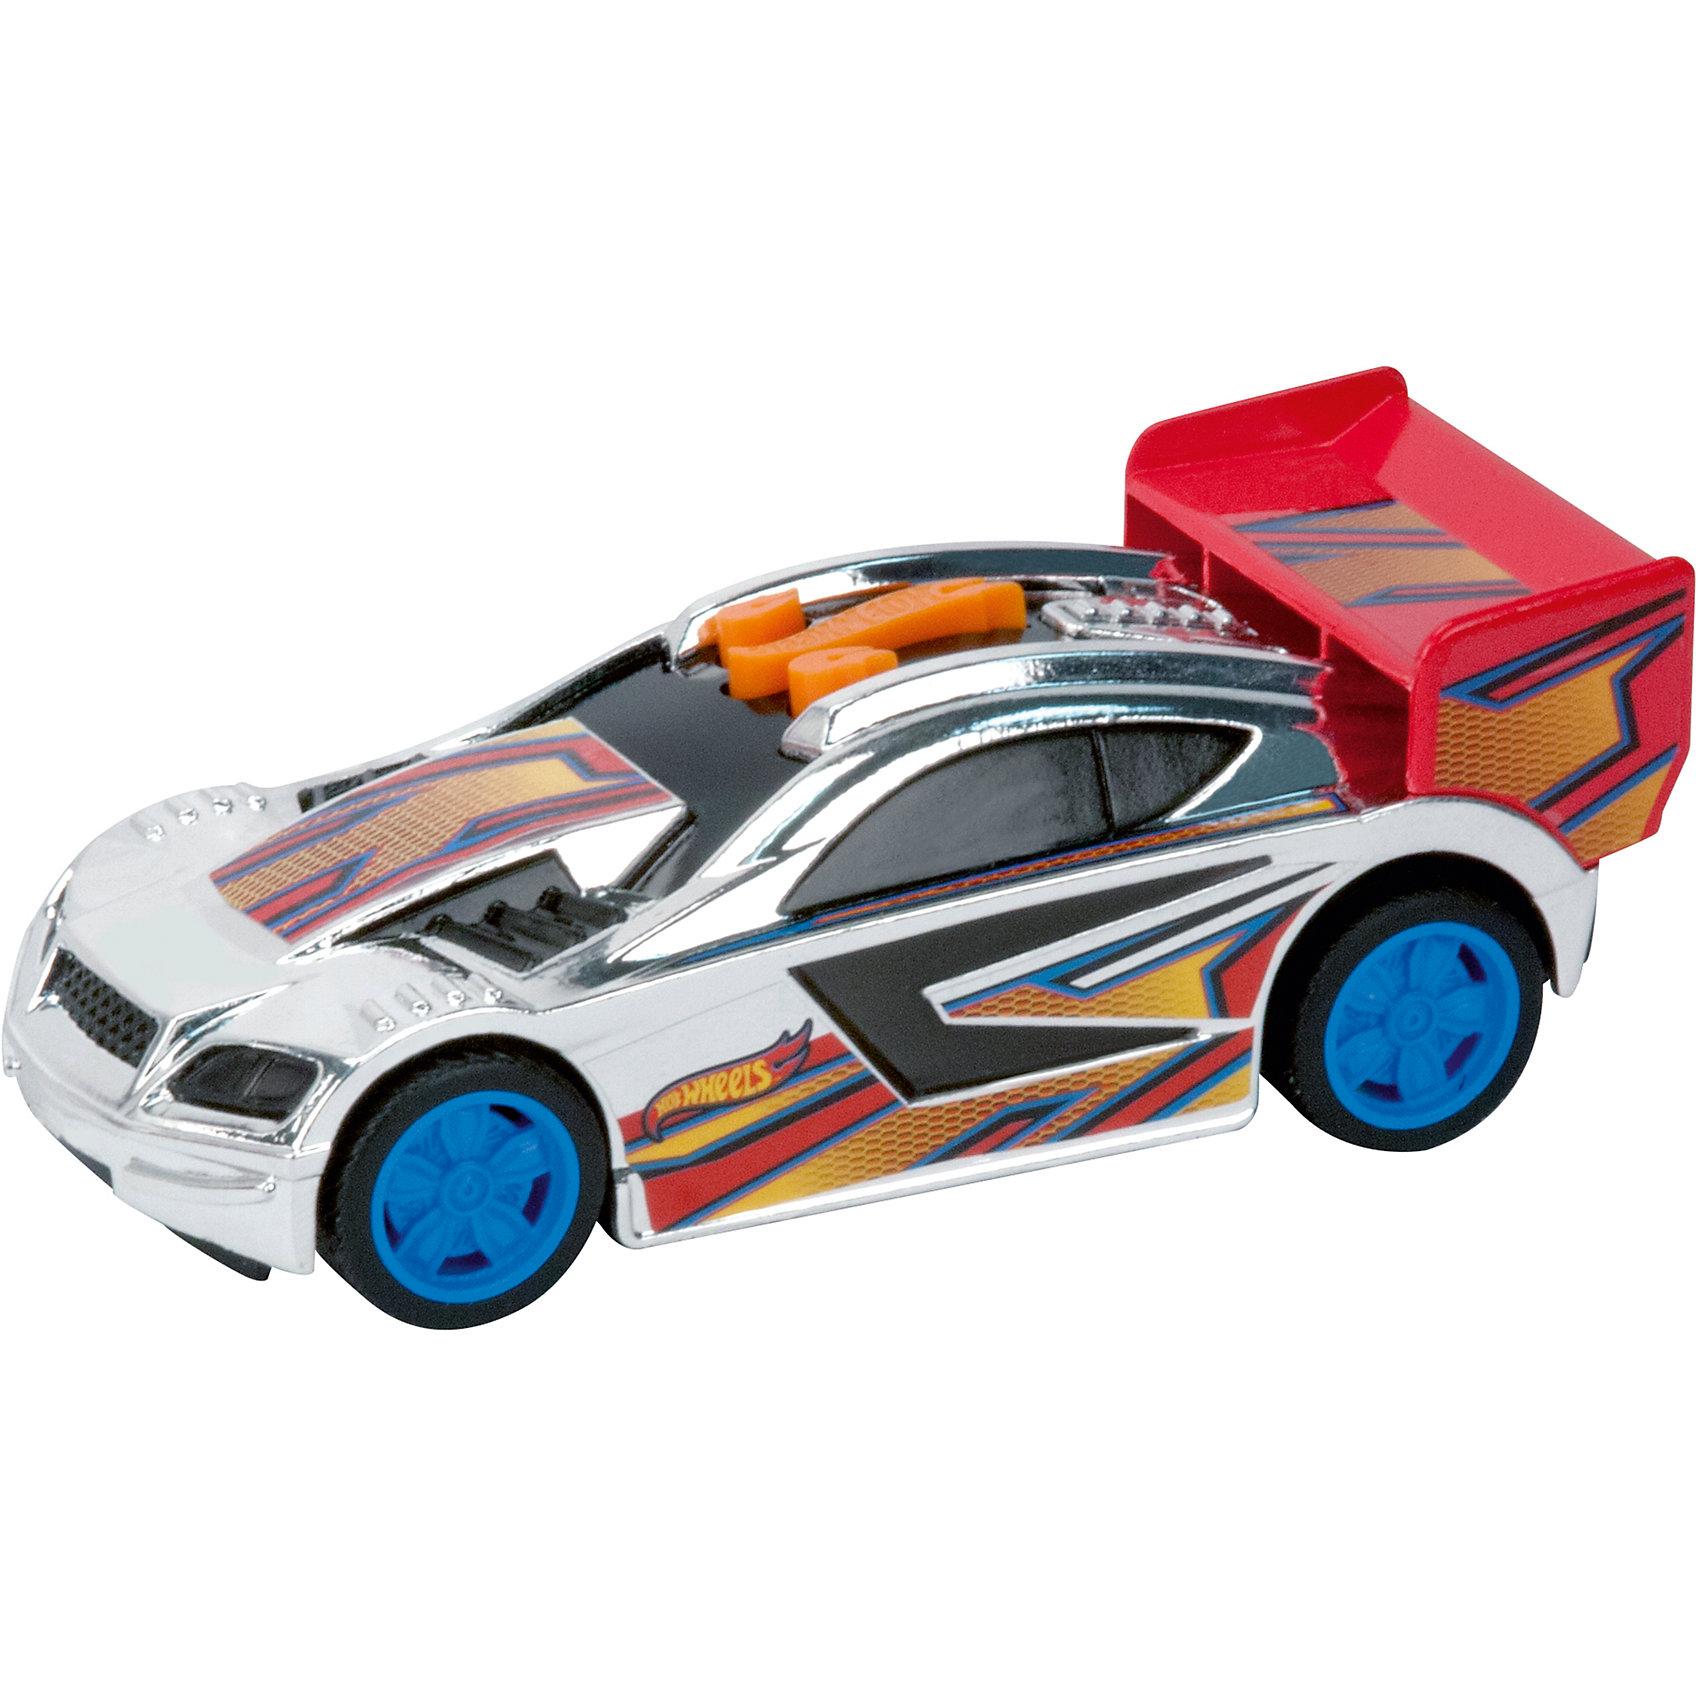 Машинка Красный спойлер, 13,5 см, Hot WheelsМашинки<br>Характеристики товара:<br><br>- цвет: разноцветный;<br>- материал: пластик, металл;<br>- особенности: на батарейках, со звуковыми и световыми эффектами;<br>- вес: 160 г;<br>- размер упаковки: 9х13х18;<br>- батарейки: демонстрационные в комплекте;<br>- размер машинки: 13,5 см.<br><br>Какой мальчишка откажется поиграть с коллекционной машинкой Hot Wheels, которая выглядит как настоящая?! Машинка очень эффектно смотрится, она запускается нажатием кнопки. Игрушка отлично детализирована, очень качественно выполнена, поэтому она станет отличным подарком ребенку. Продается в красивой упаковке.<br>Изделия произведены из высококачественного материала, безопасного для детей.<br><br>Машинку Красный спойлер Hot Wheels можно купить в нашем интернет-магазине.<br><br>Ширина мм: 89<br>Глубина мм: 127<br>Высота мм: 158<br>Вес г: 166<br>Возраст от месяцев: 36<br>Возраст до месяцев: 2147483647<br>Пол: Мужской<br>Возраст: Детский<br>SKU: 5066722